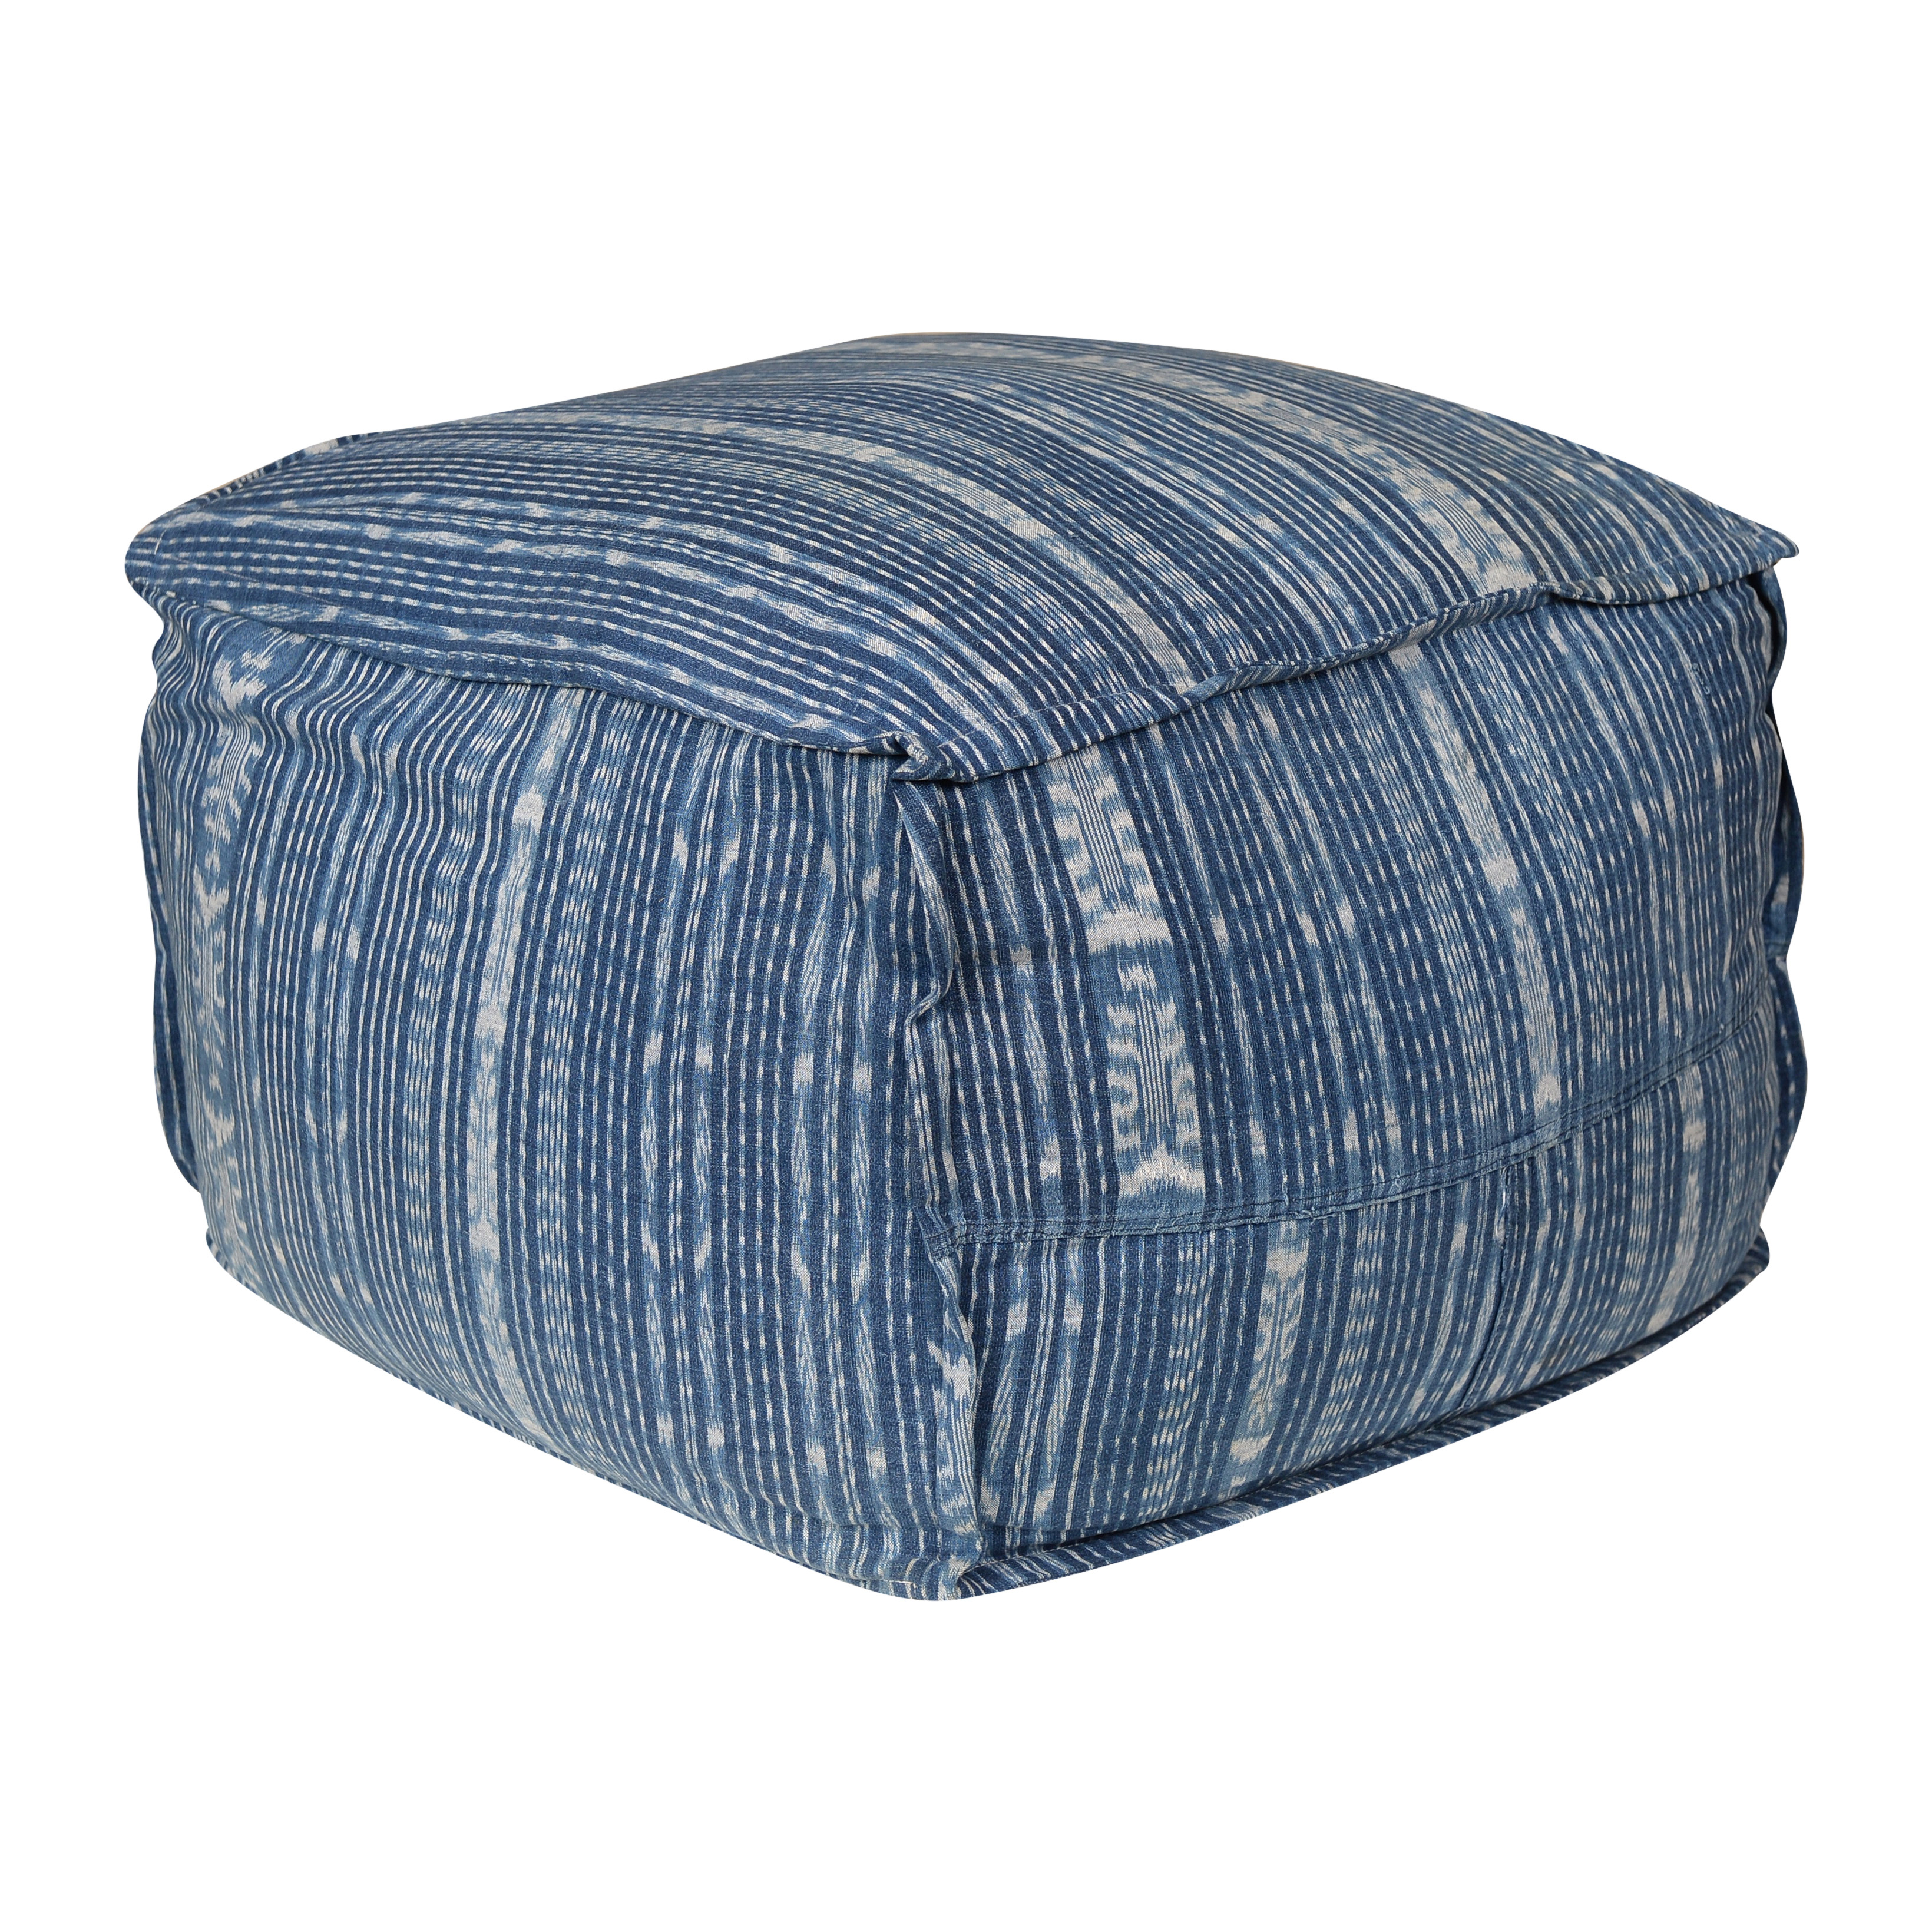 Rogan Indigo Cushions